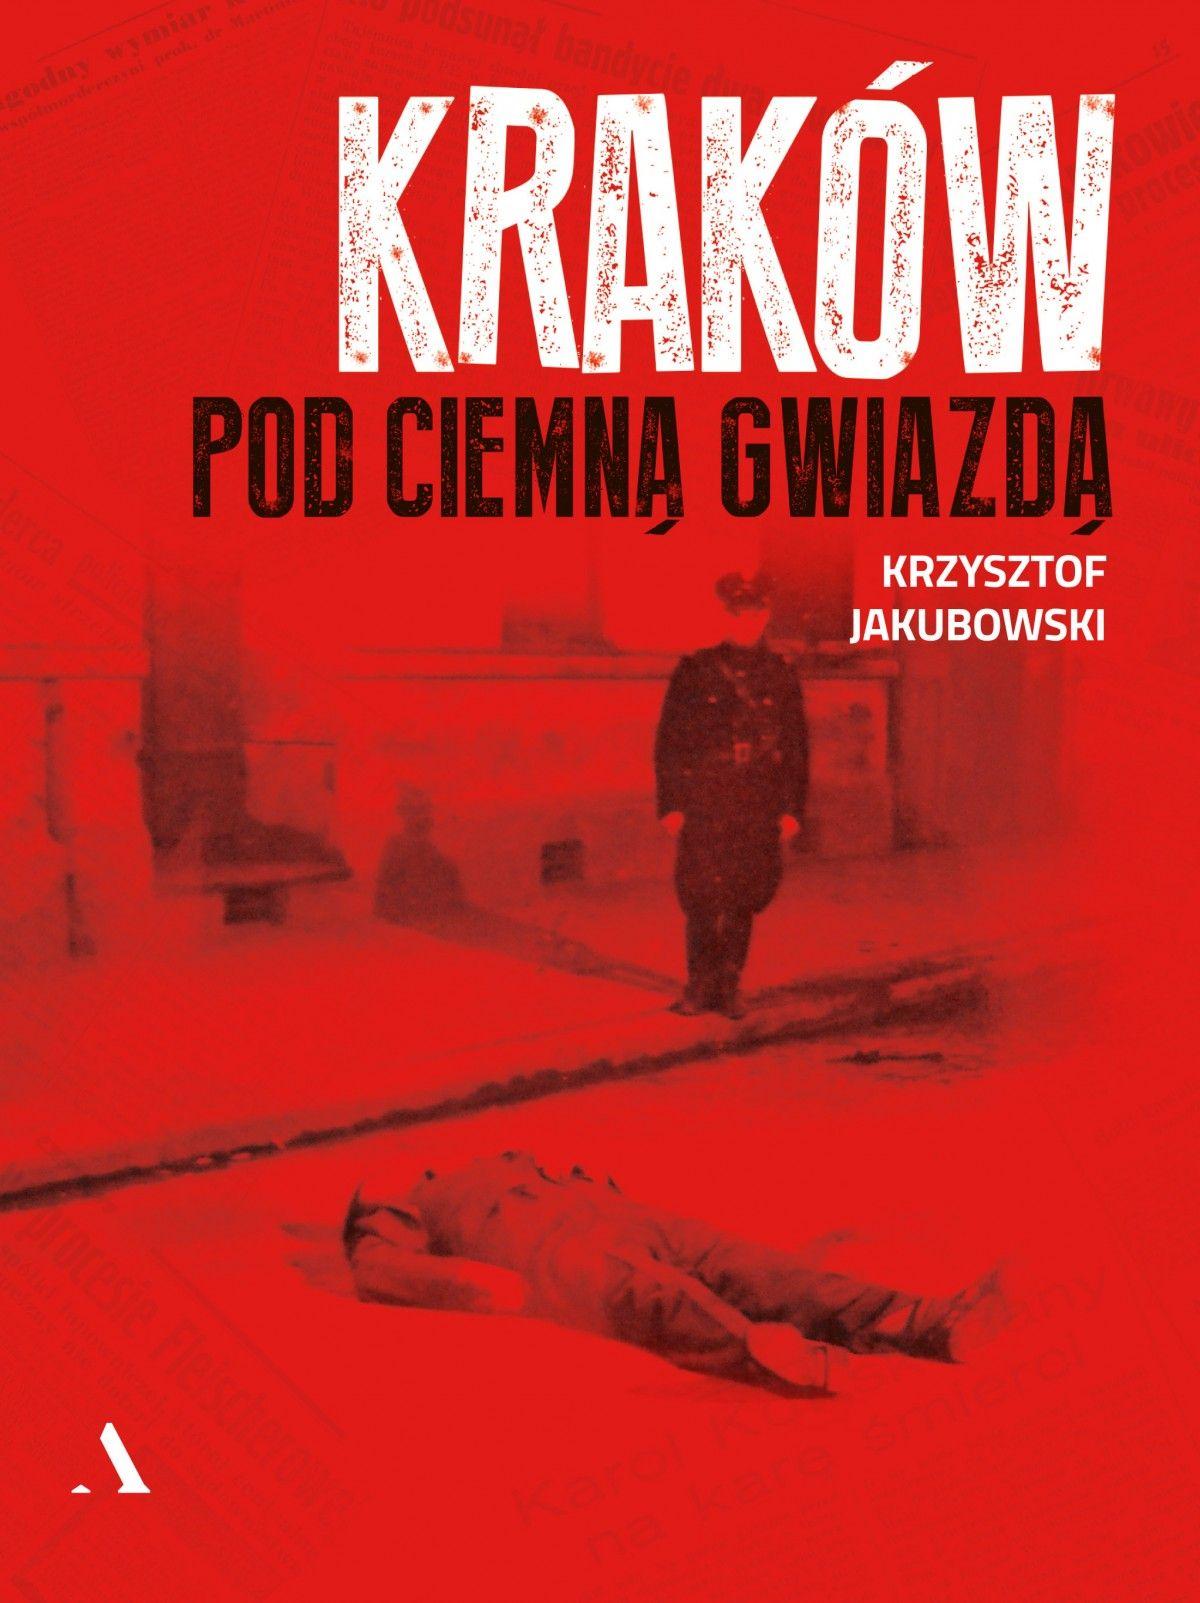 Kraków pod ciemną gwiazdą /Krzysztof Jakubowski